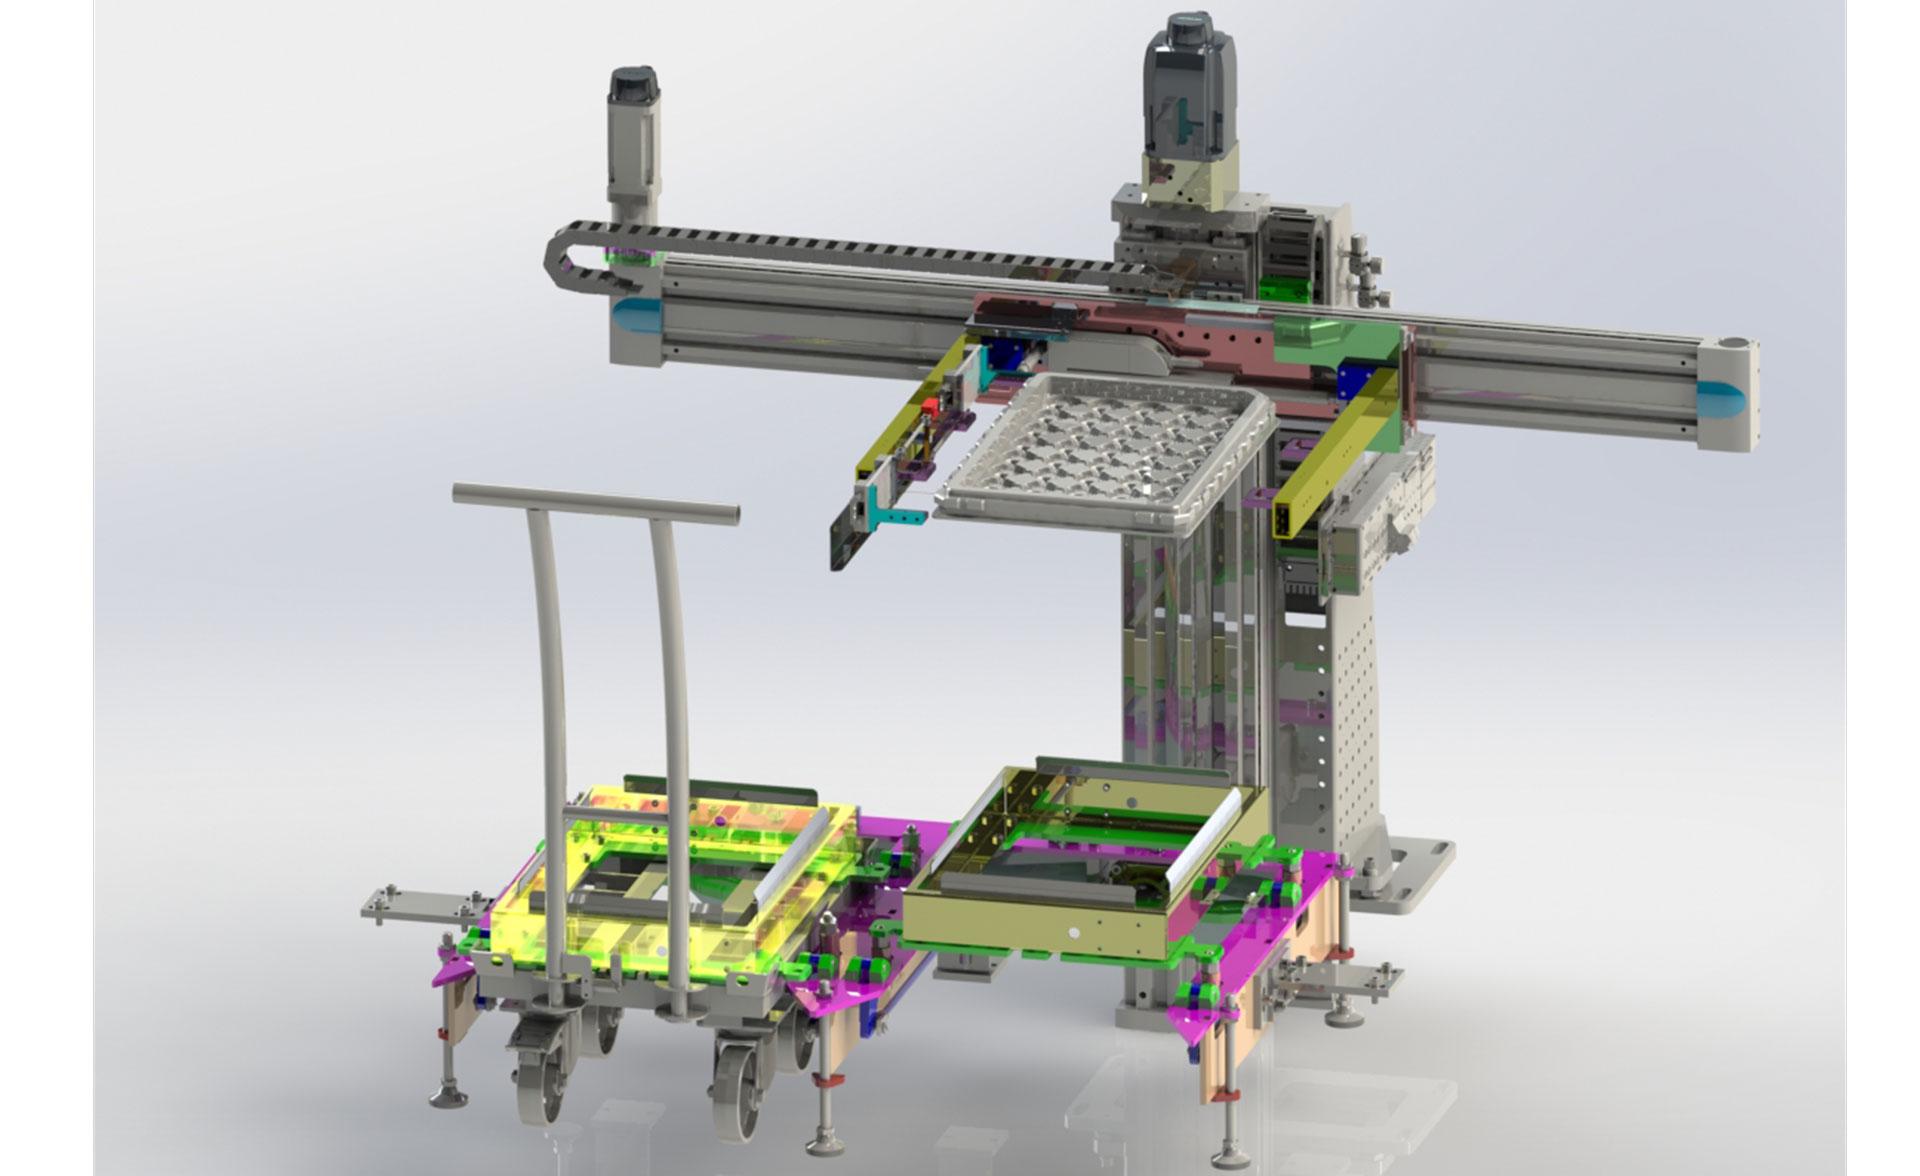 Umstapelmodul als 3D Zeichnung